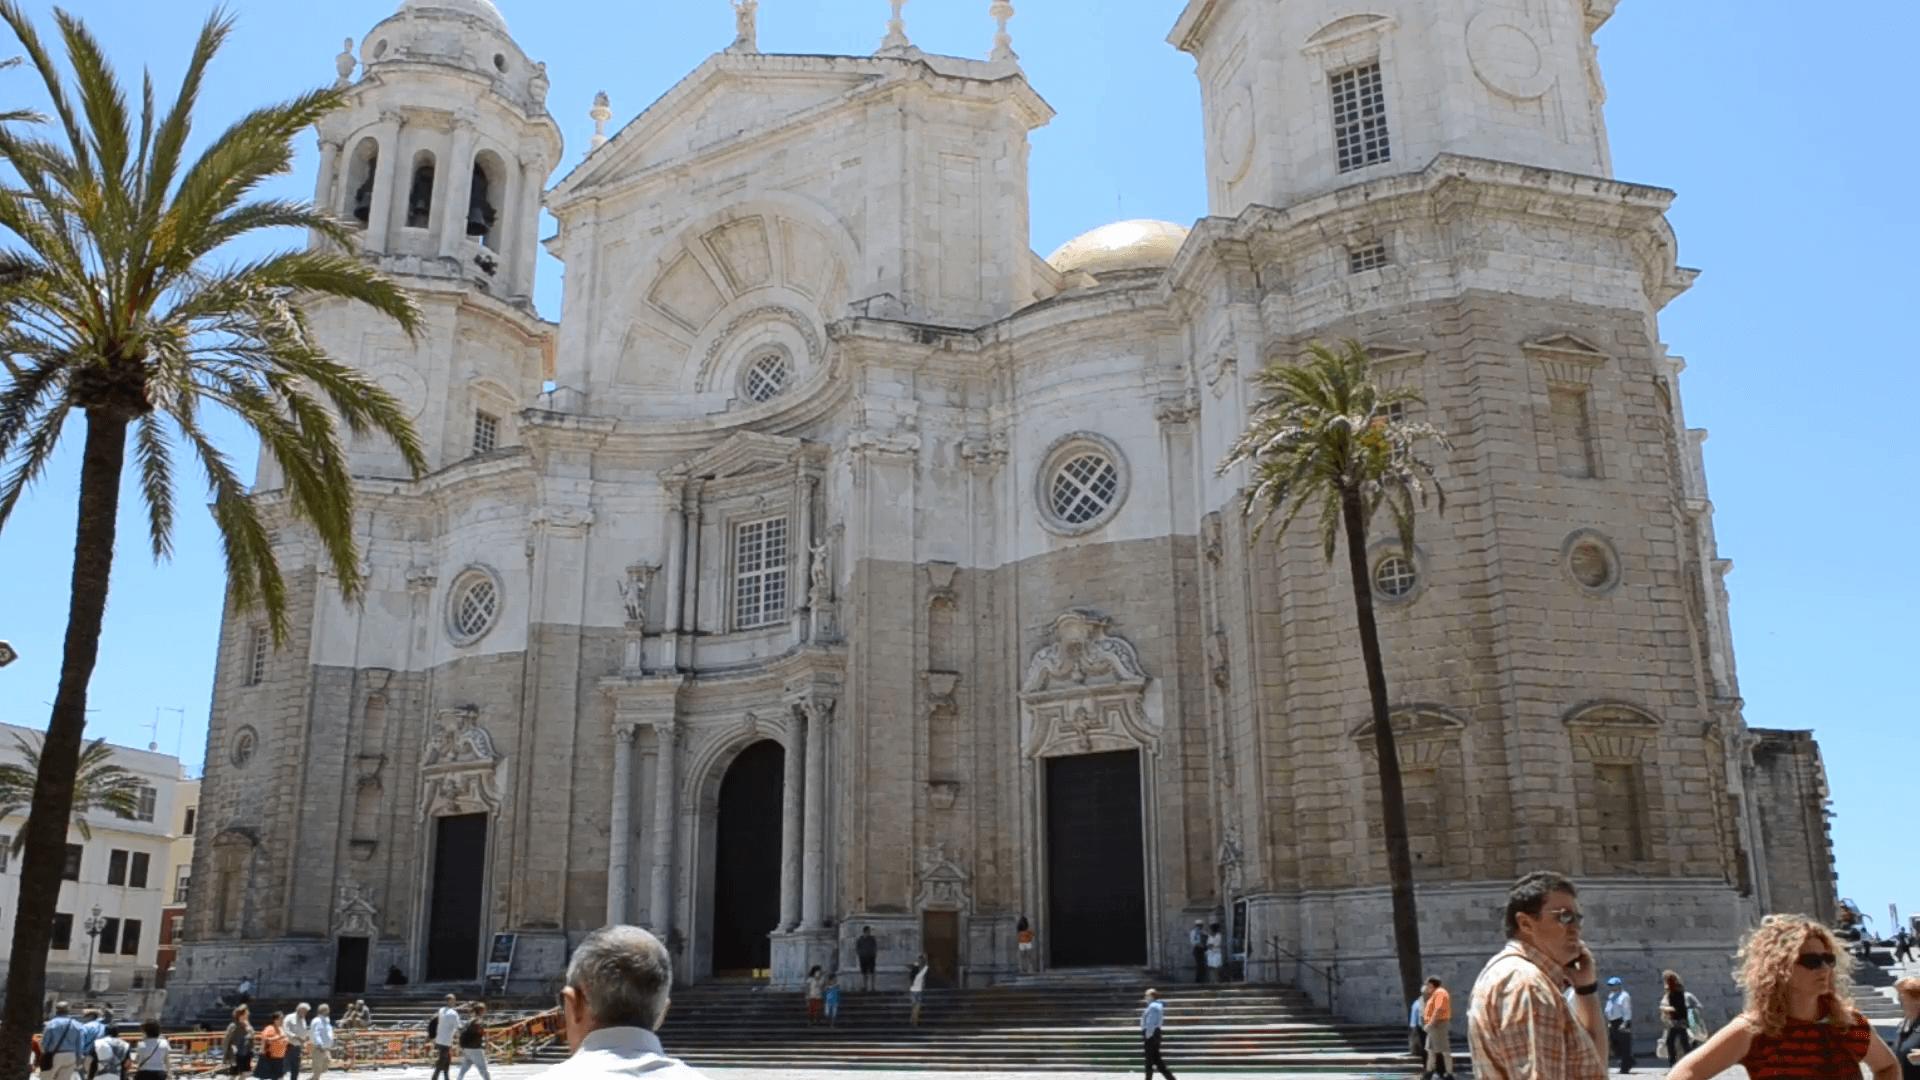 Catedrala din Cadiz